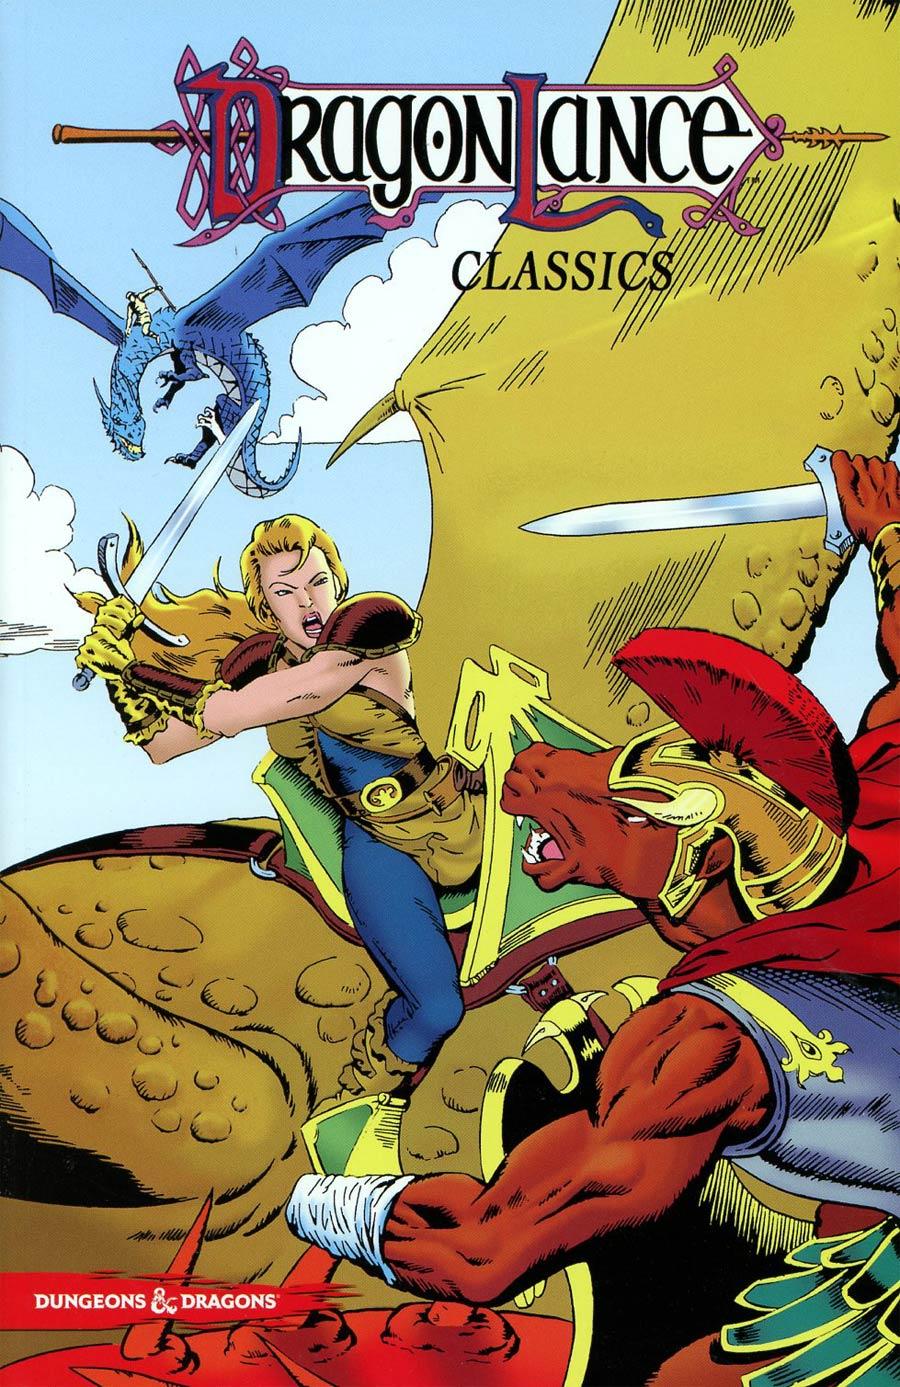 Dragonlance Classics Vol 3 TP